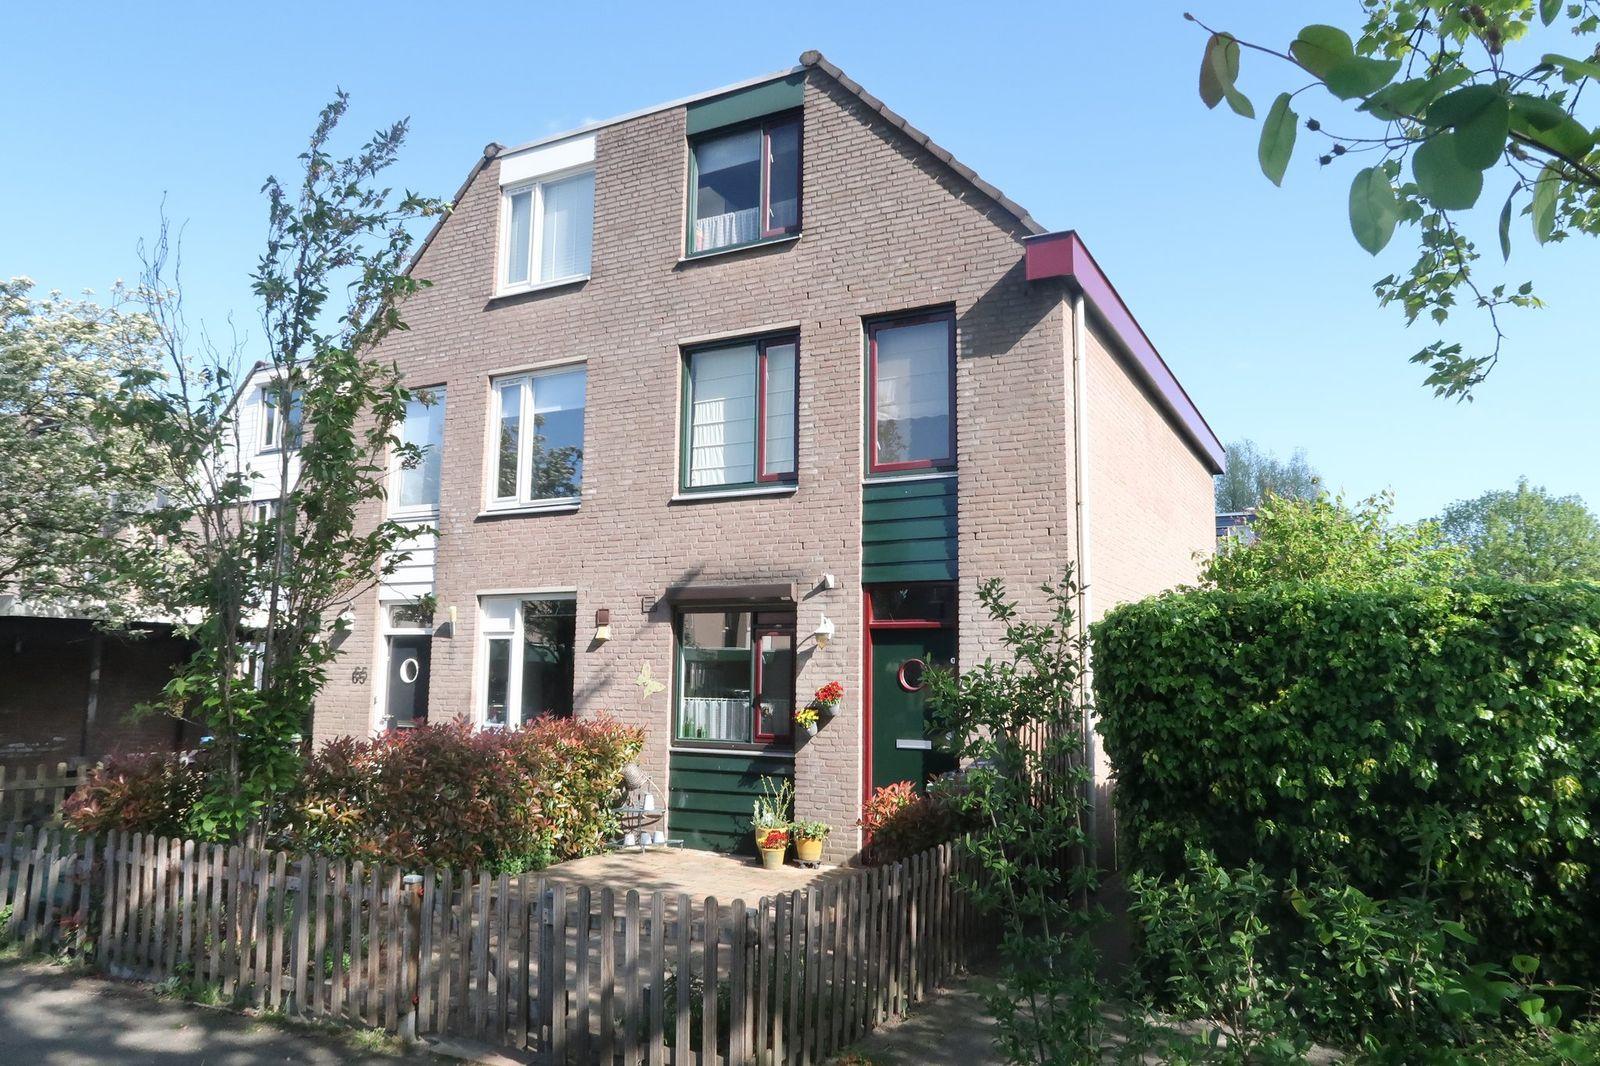 Reurikwei 67, Arnhem